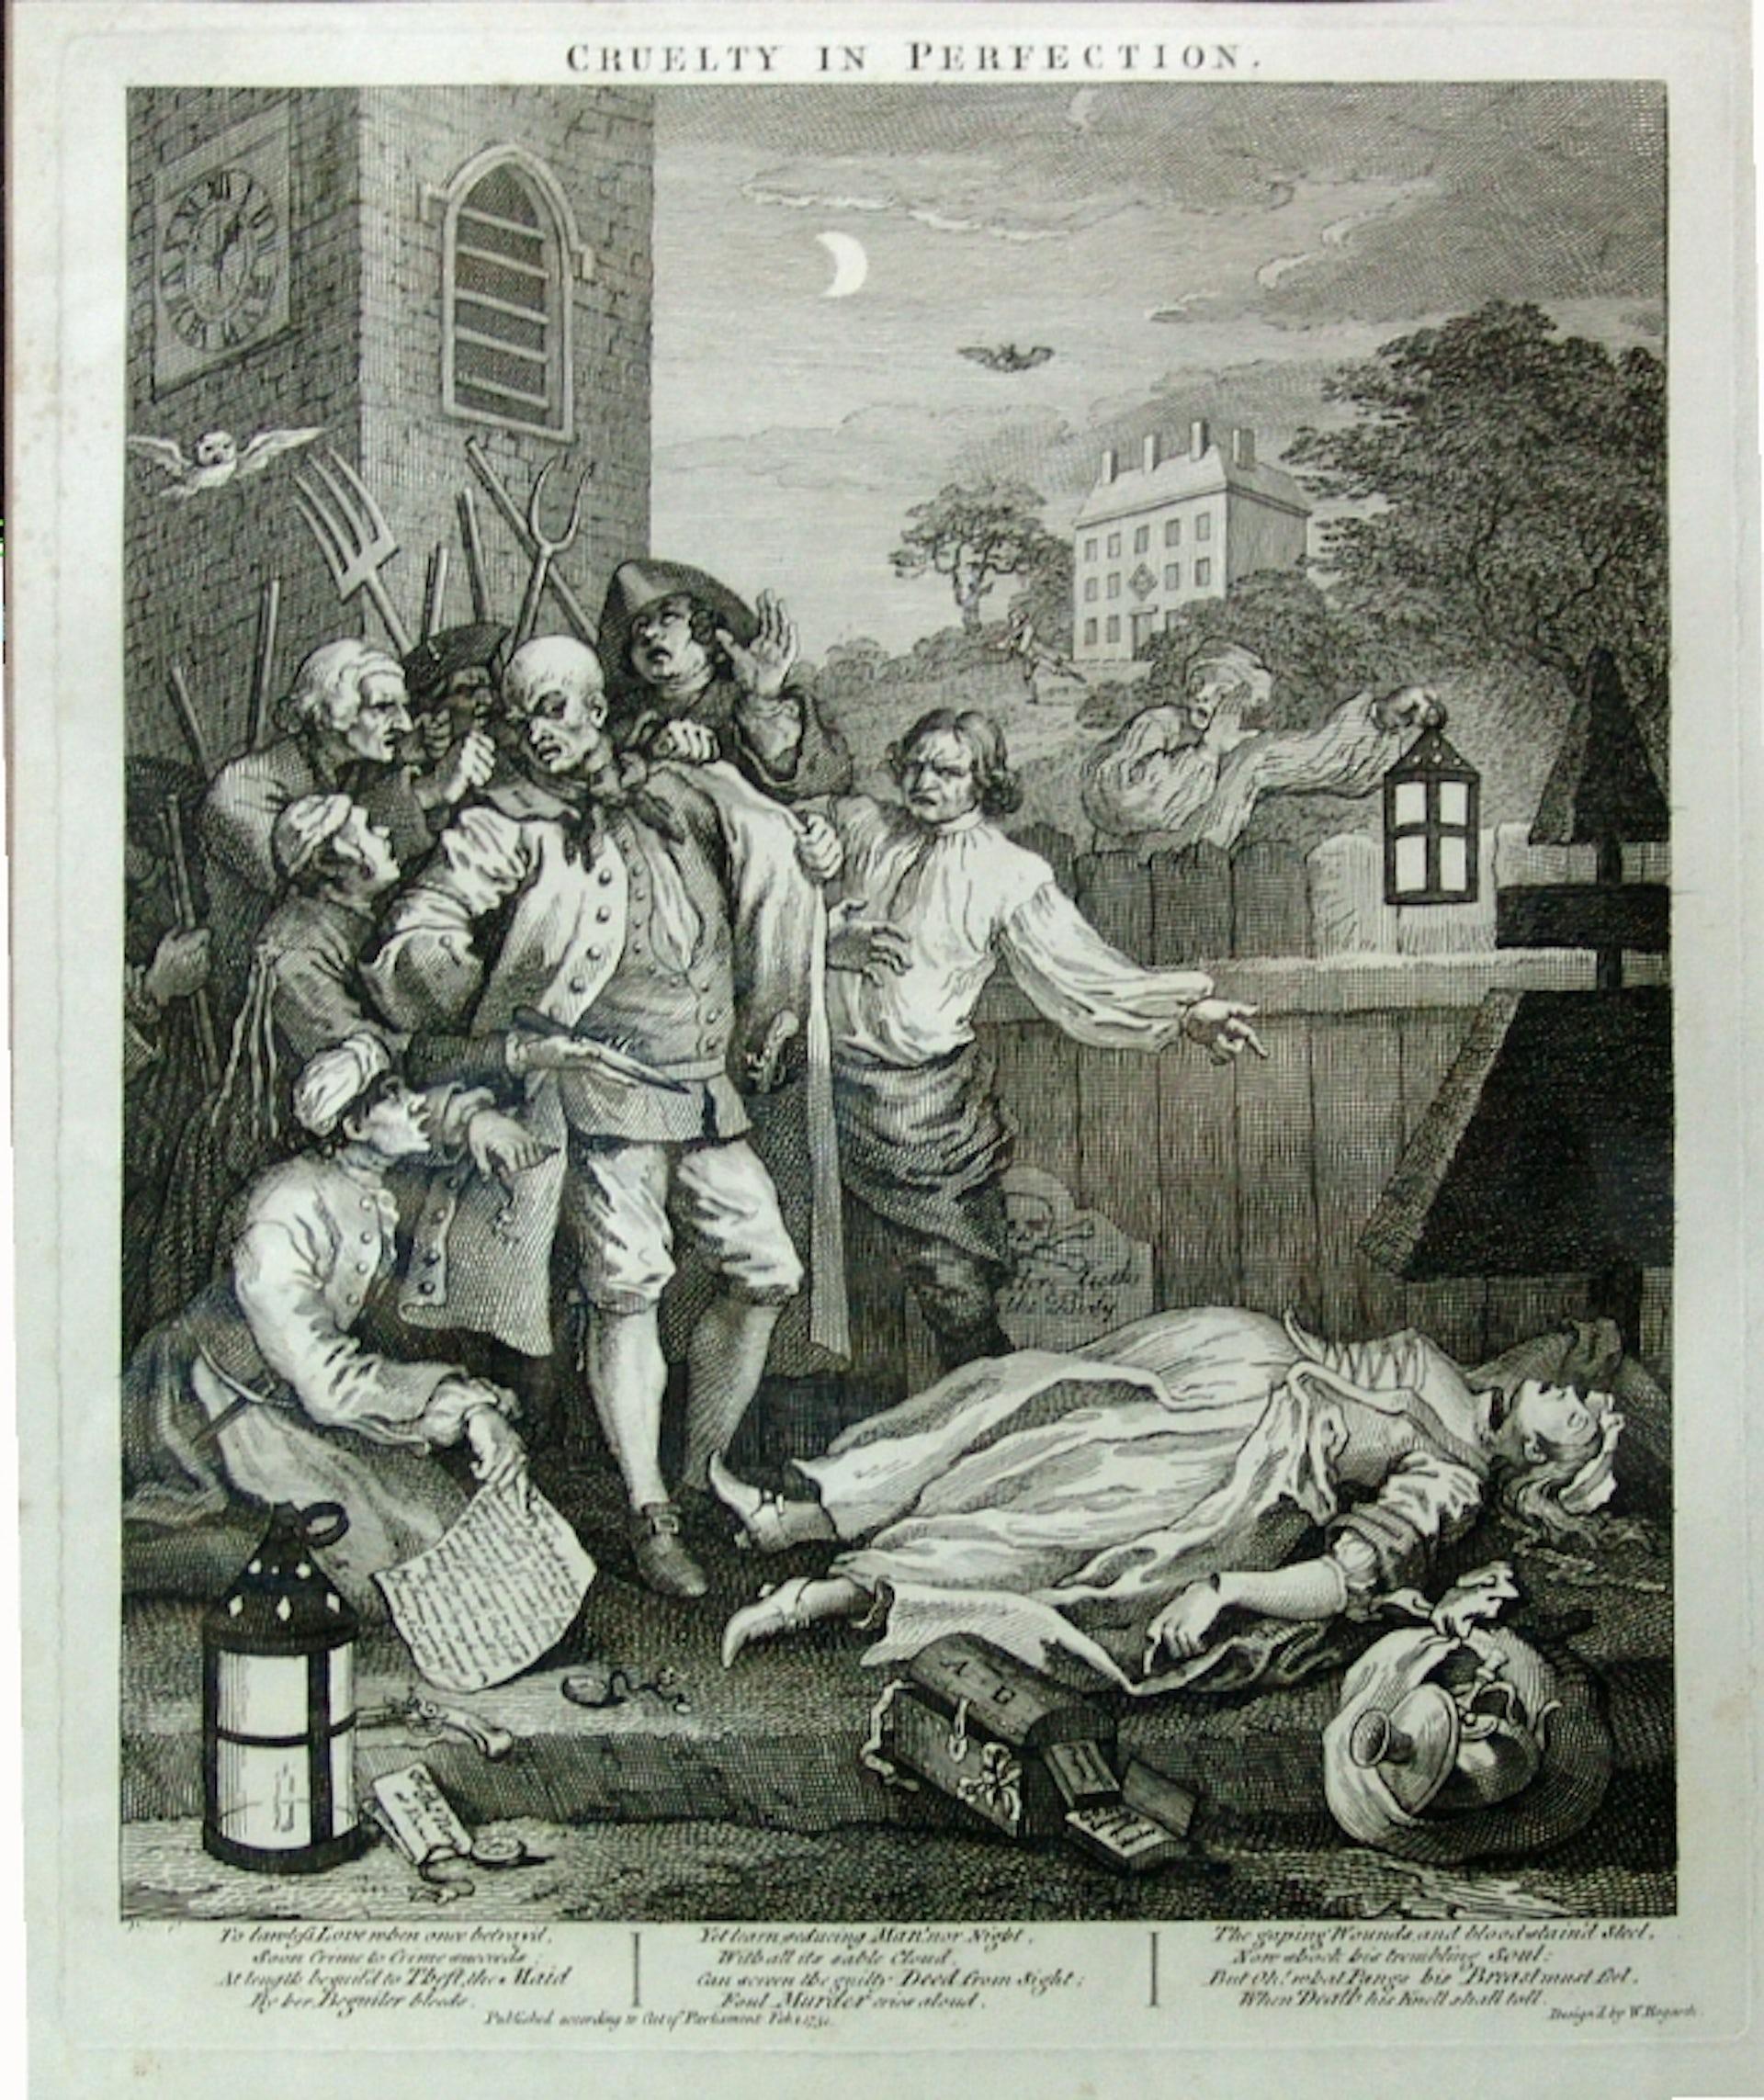 La troisième image montre son arrestation, après qu'il a commis un meurtre abject, celui d'une jeune femme enceinte. William Hogart